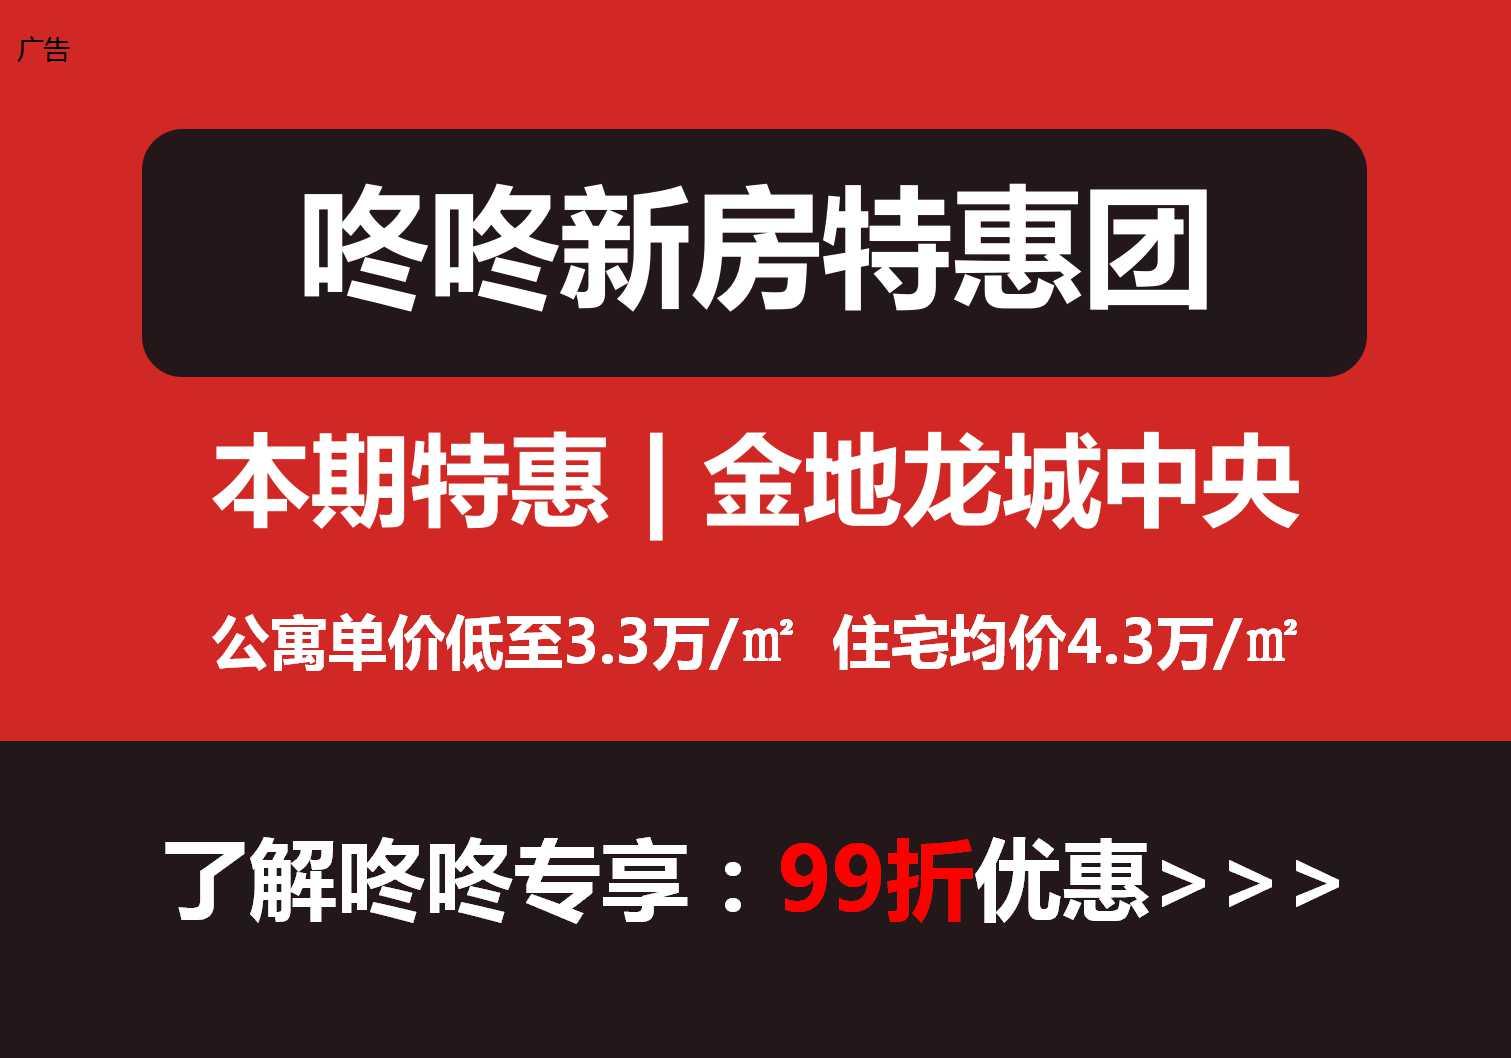 【咚咚新房特惠团】第1期:金地龙城中央